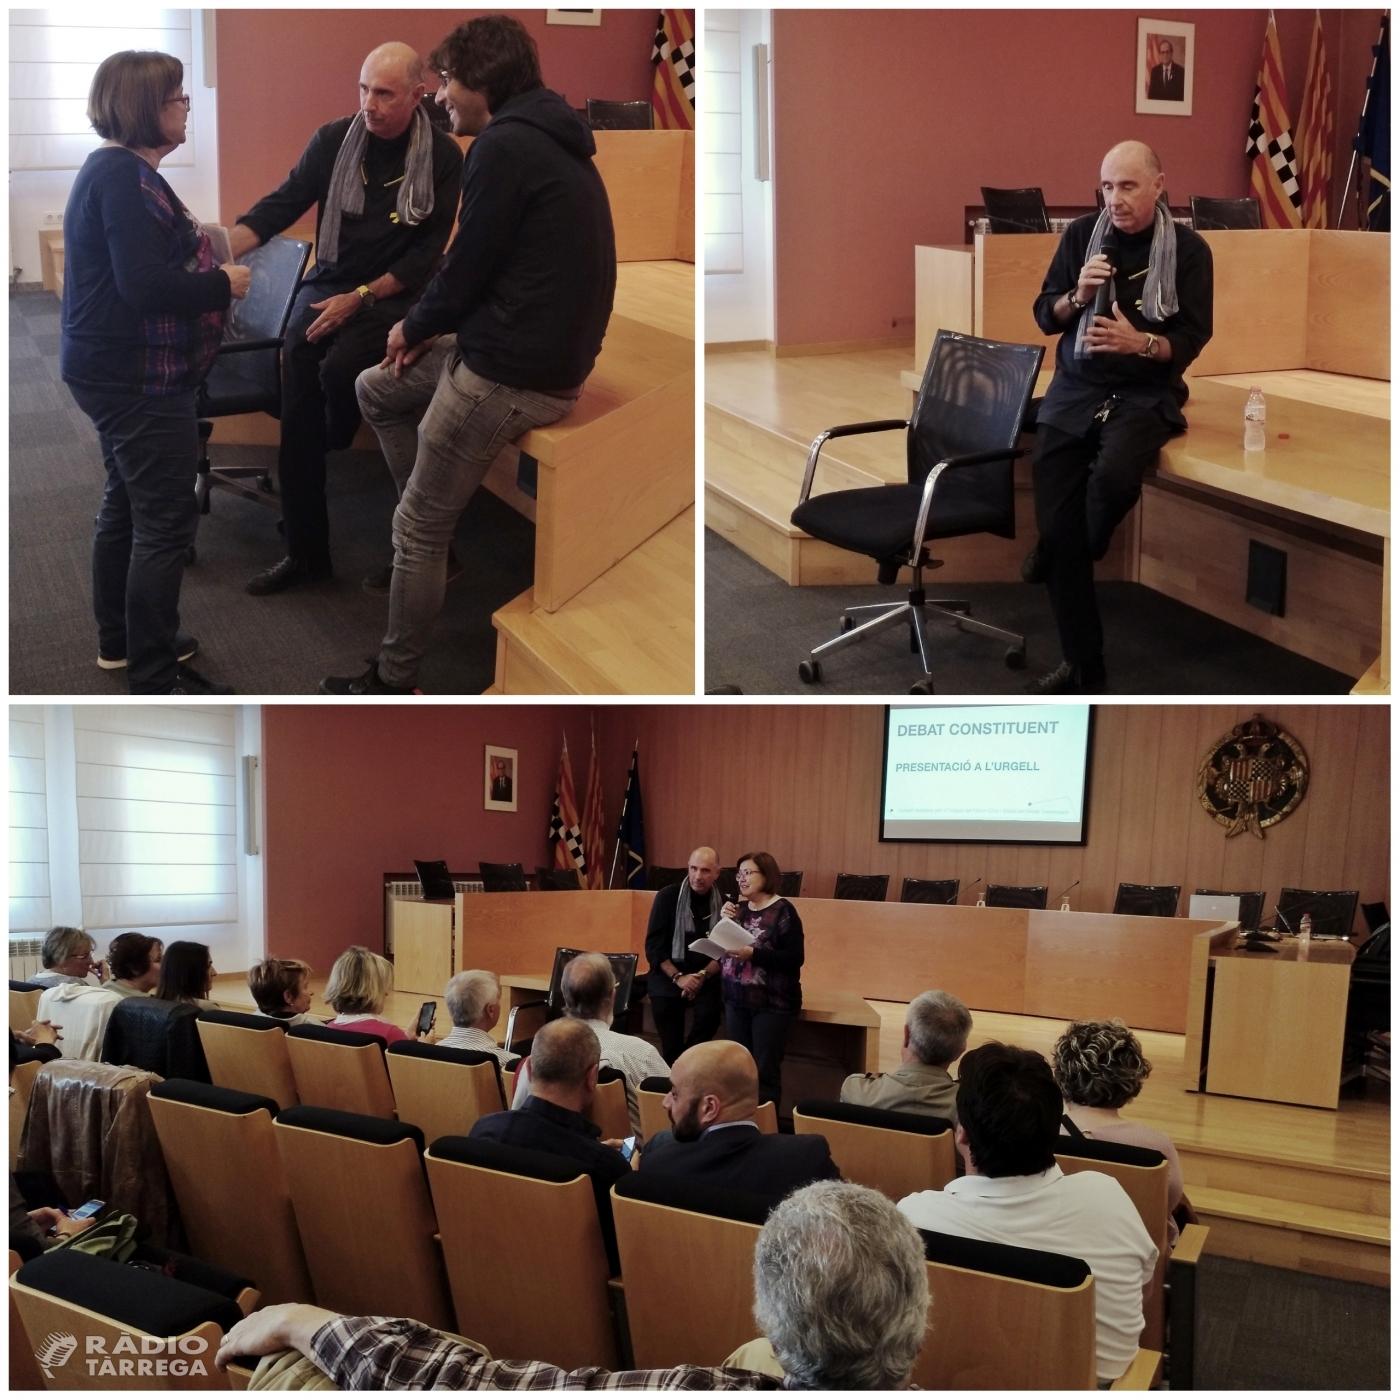 Tàrrega acull una reunió del Consell Assessor per l'Impuls del Fòrum Cívic i Social pel Debat Constituent, amb Lluís Llach